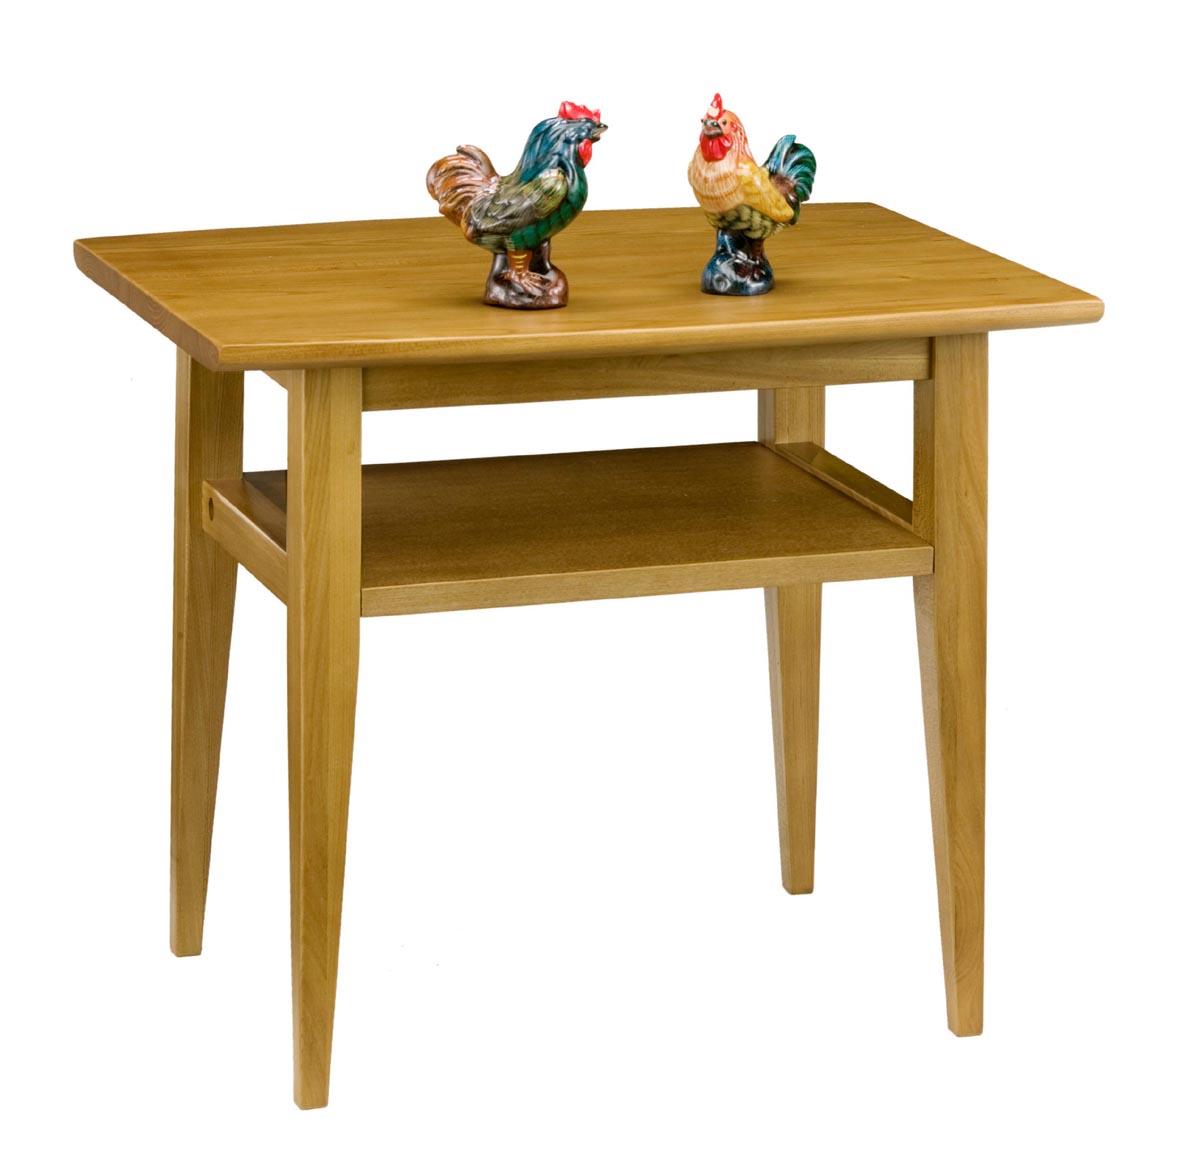 アケボノ アスコット645LO テーブル 机 シンプル コンパクト ナチュラル センターテーブル 送料無料